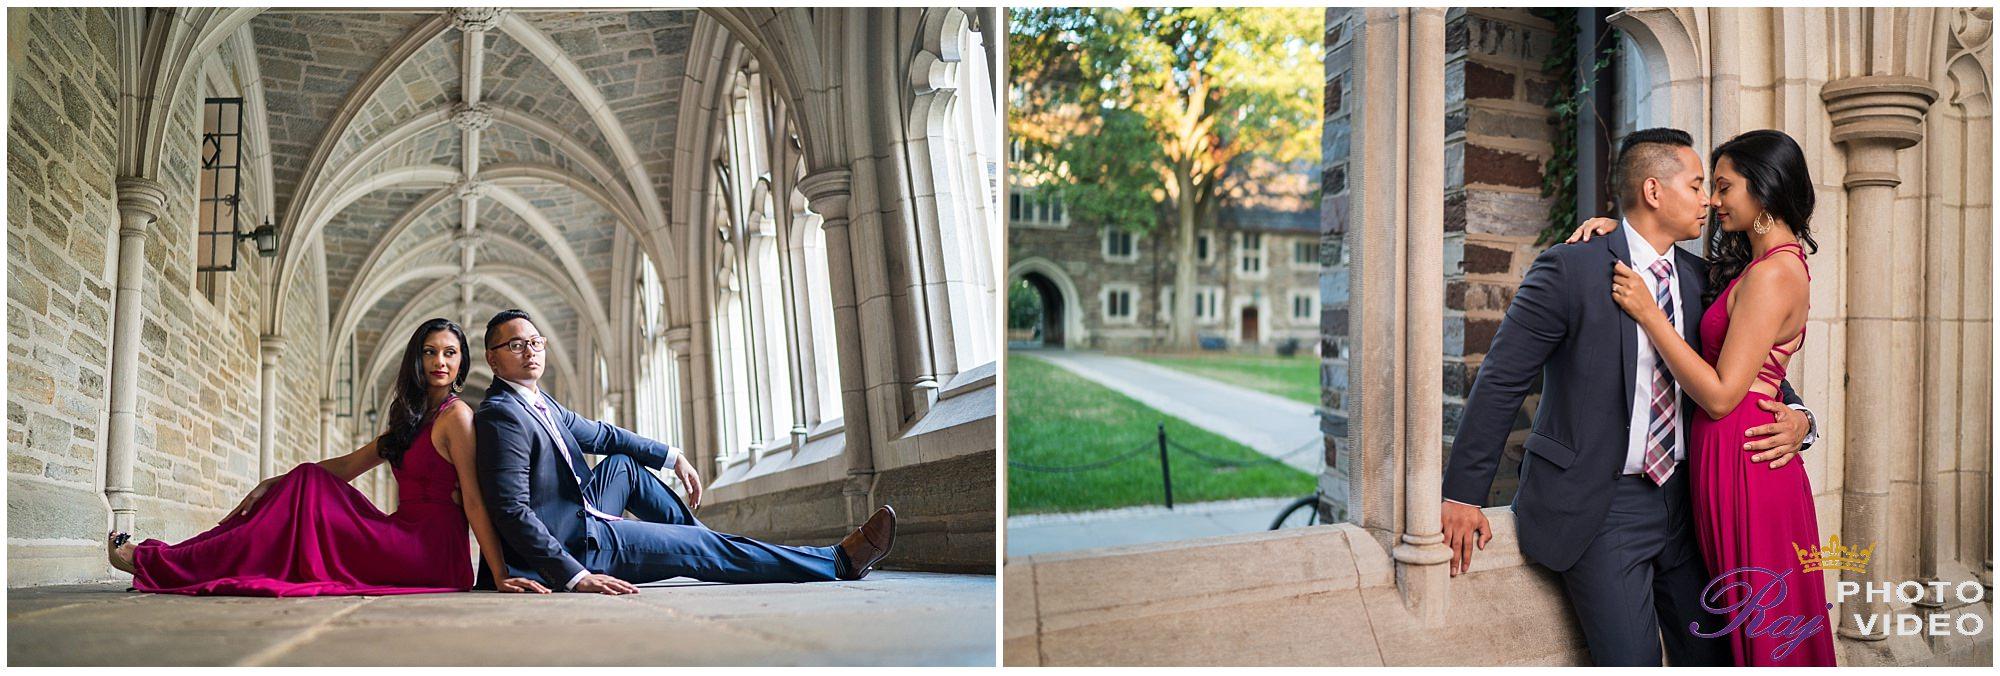 Princeton-University-Princeton-NJ-Engagement-Shoot-Khusbu-Jeff-15.jpg